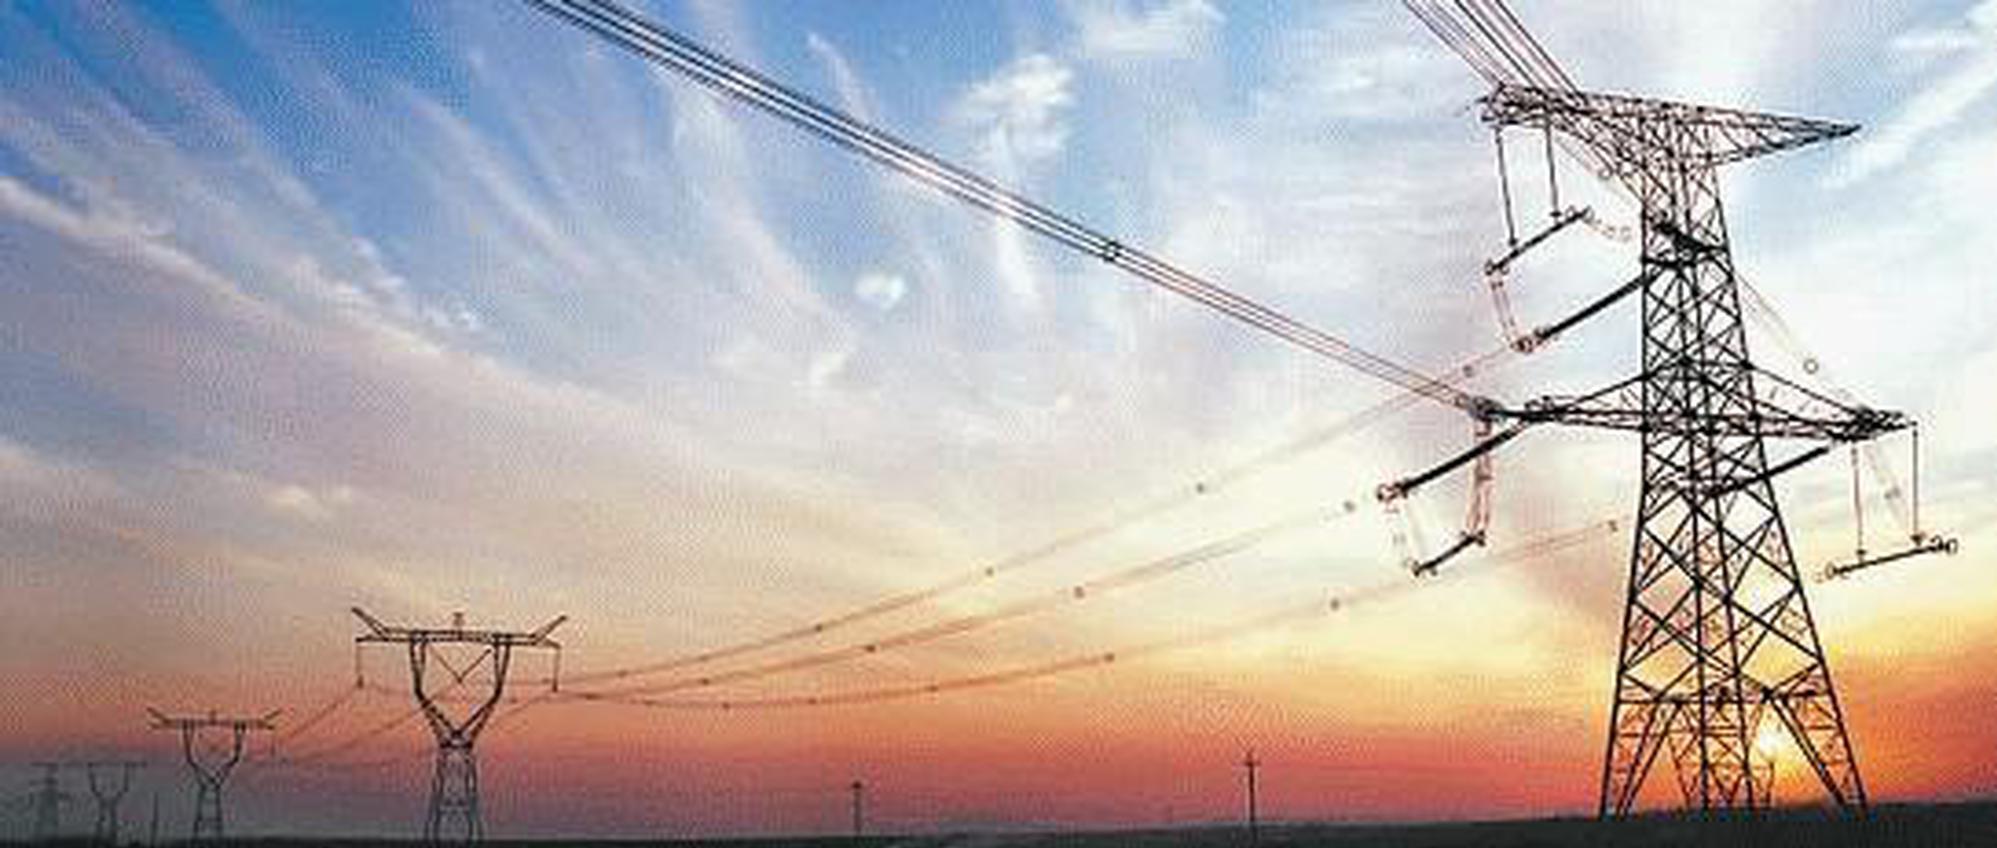 国网福建电力_首次!国网福建电力售电量突破2000亿千瓦时大关_新浪福建_新浪网